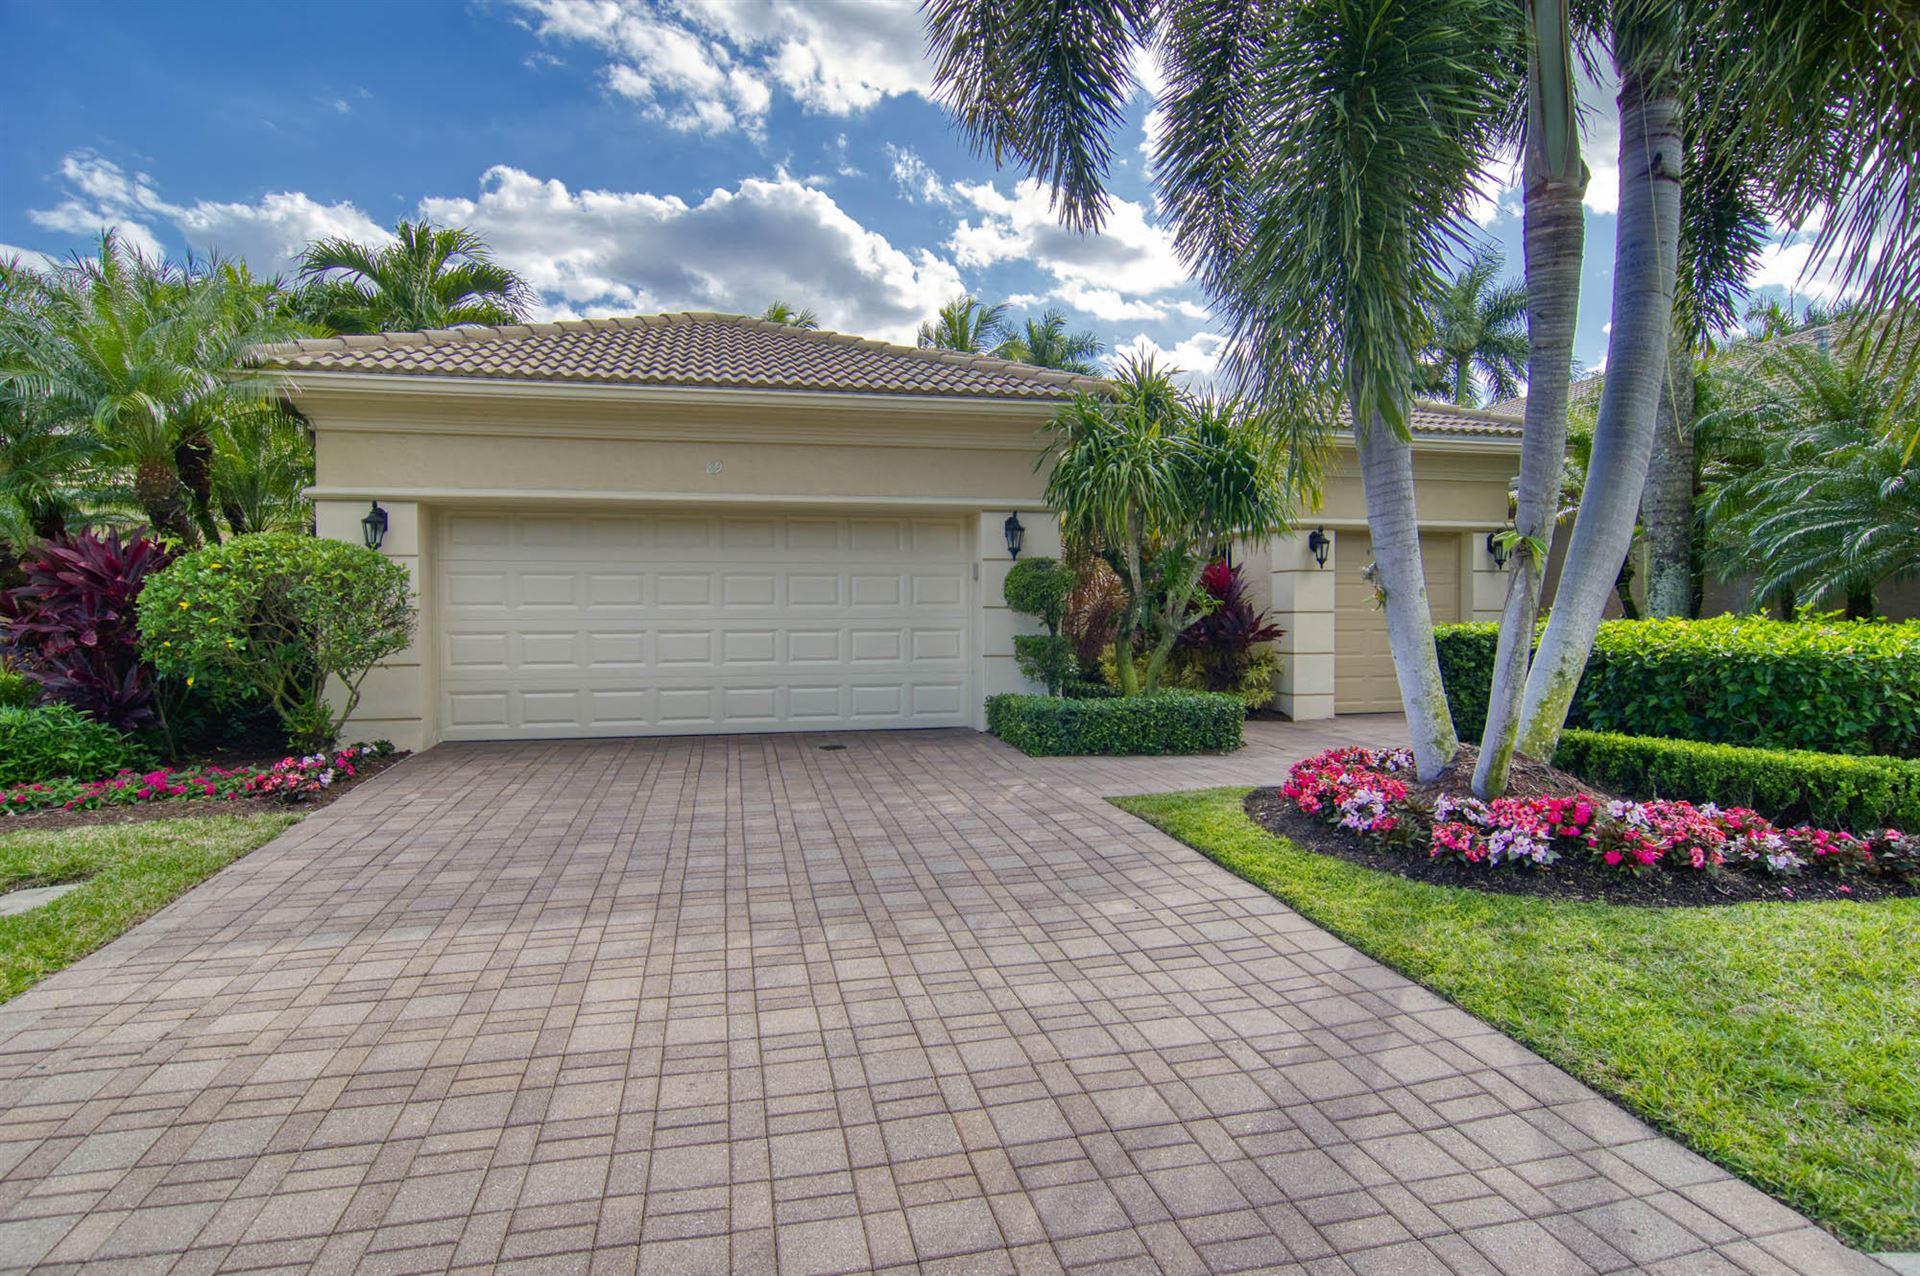 Photo of 89 Laguna Drive, Palm Beach Gardens, FL 33418 (MLS # RX-10686377)